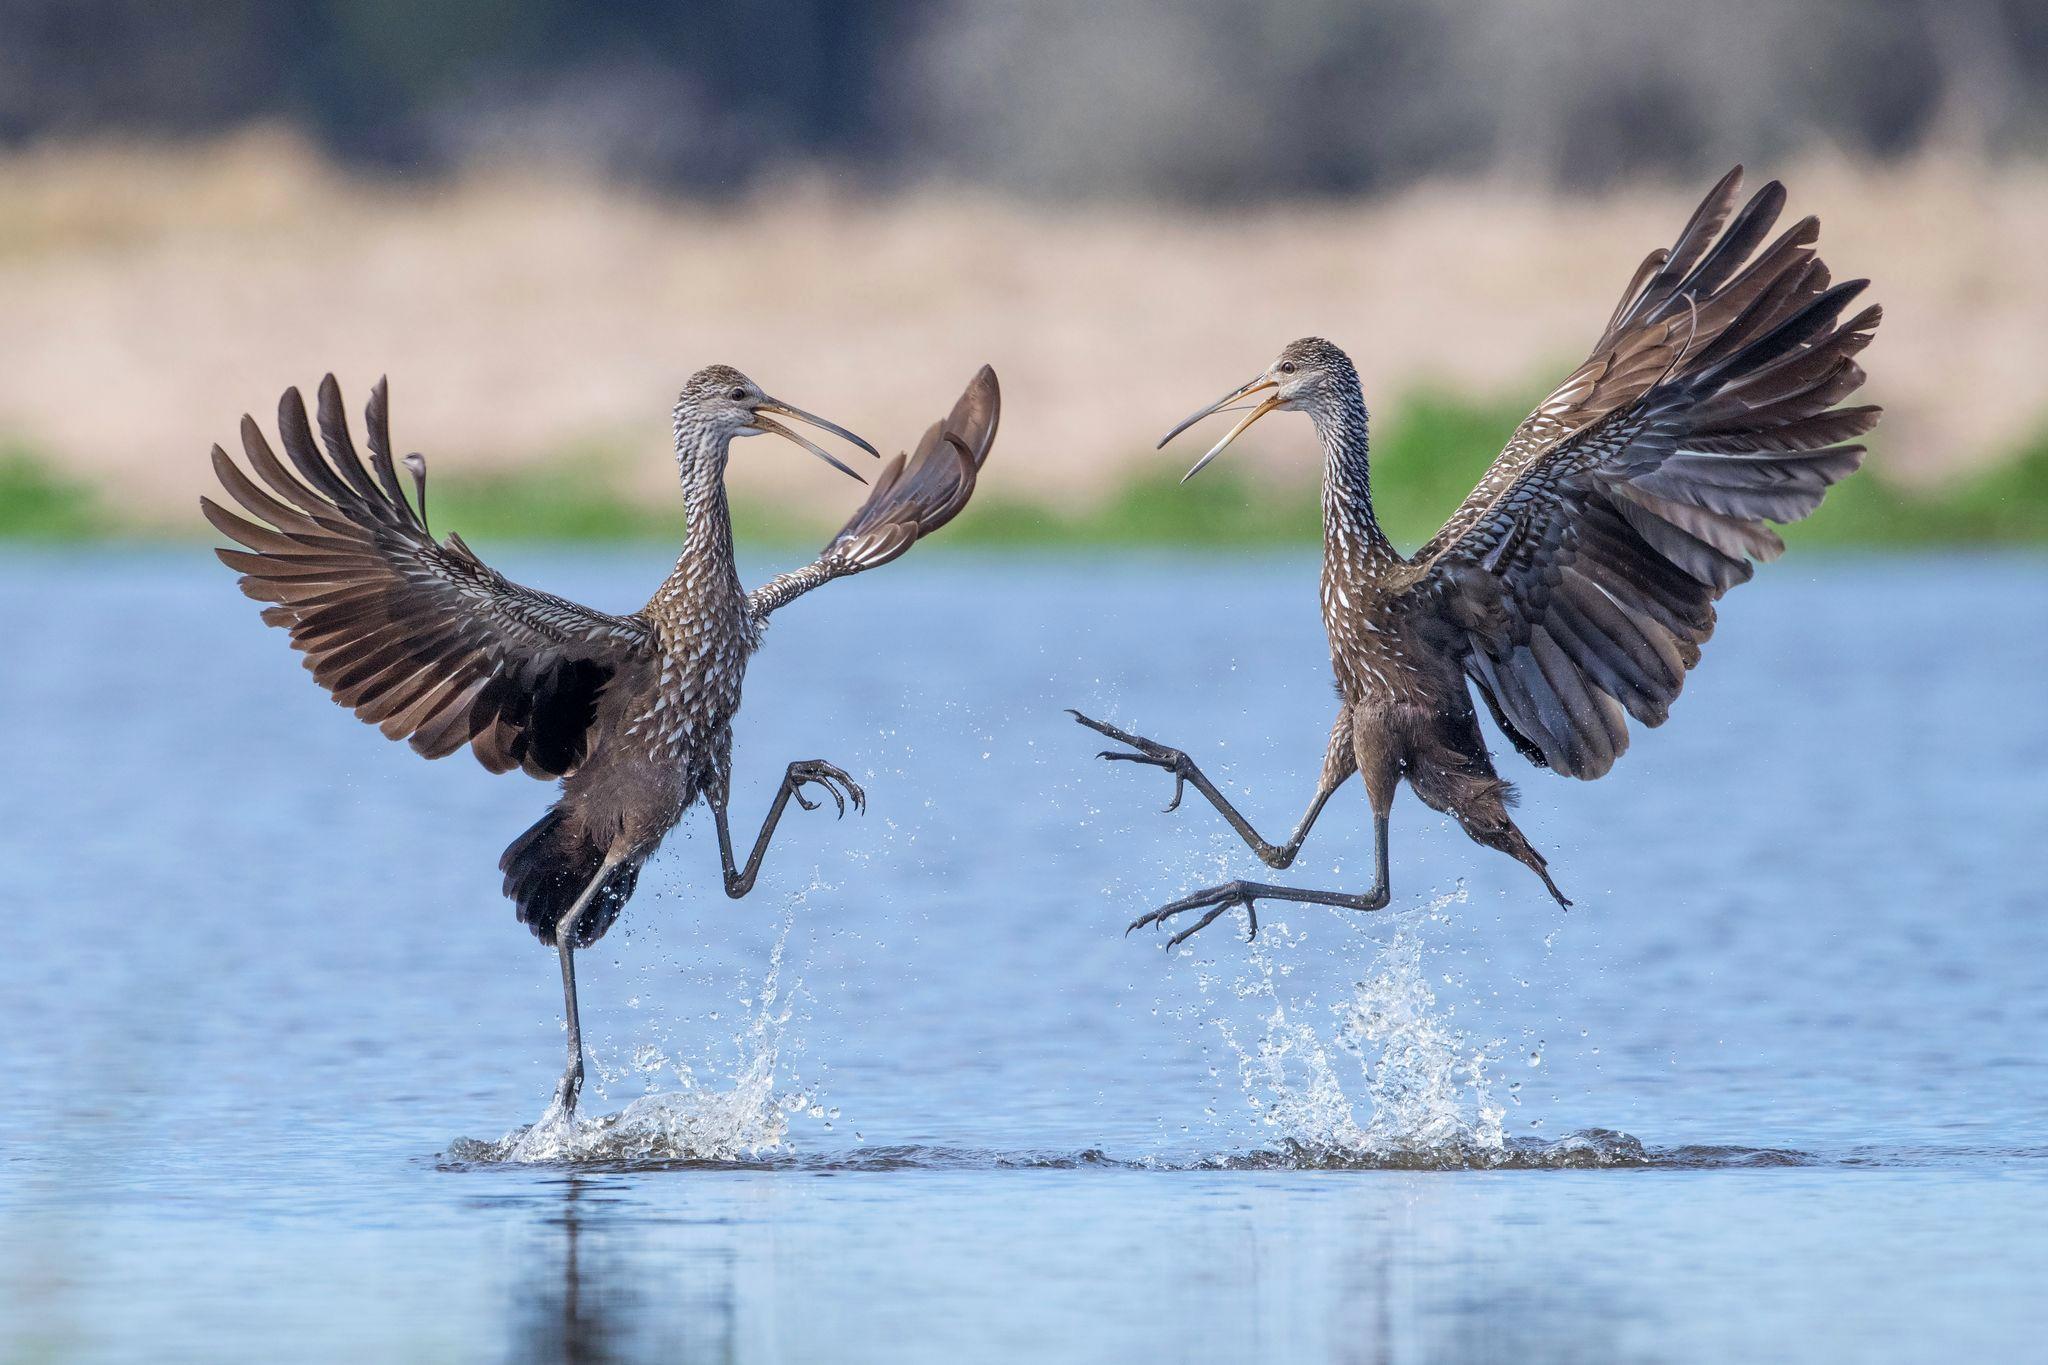 танцующие птицы фото нравится затея